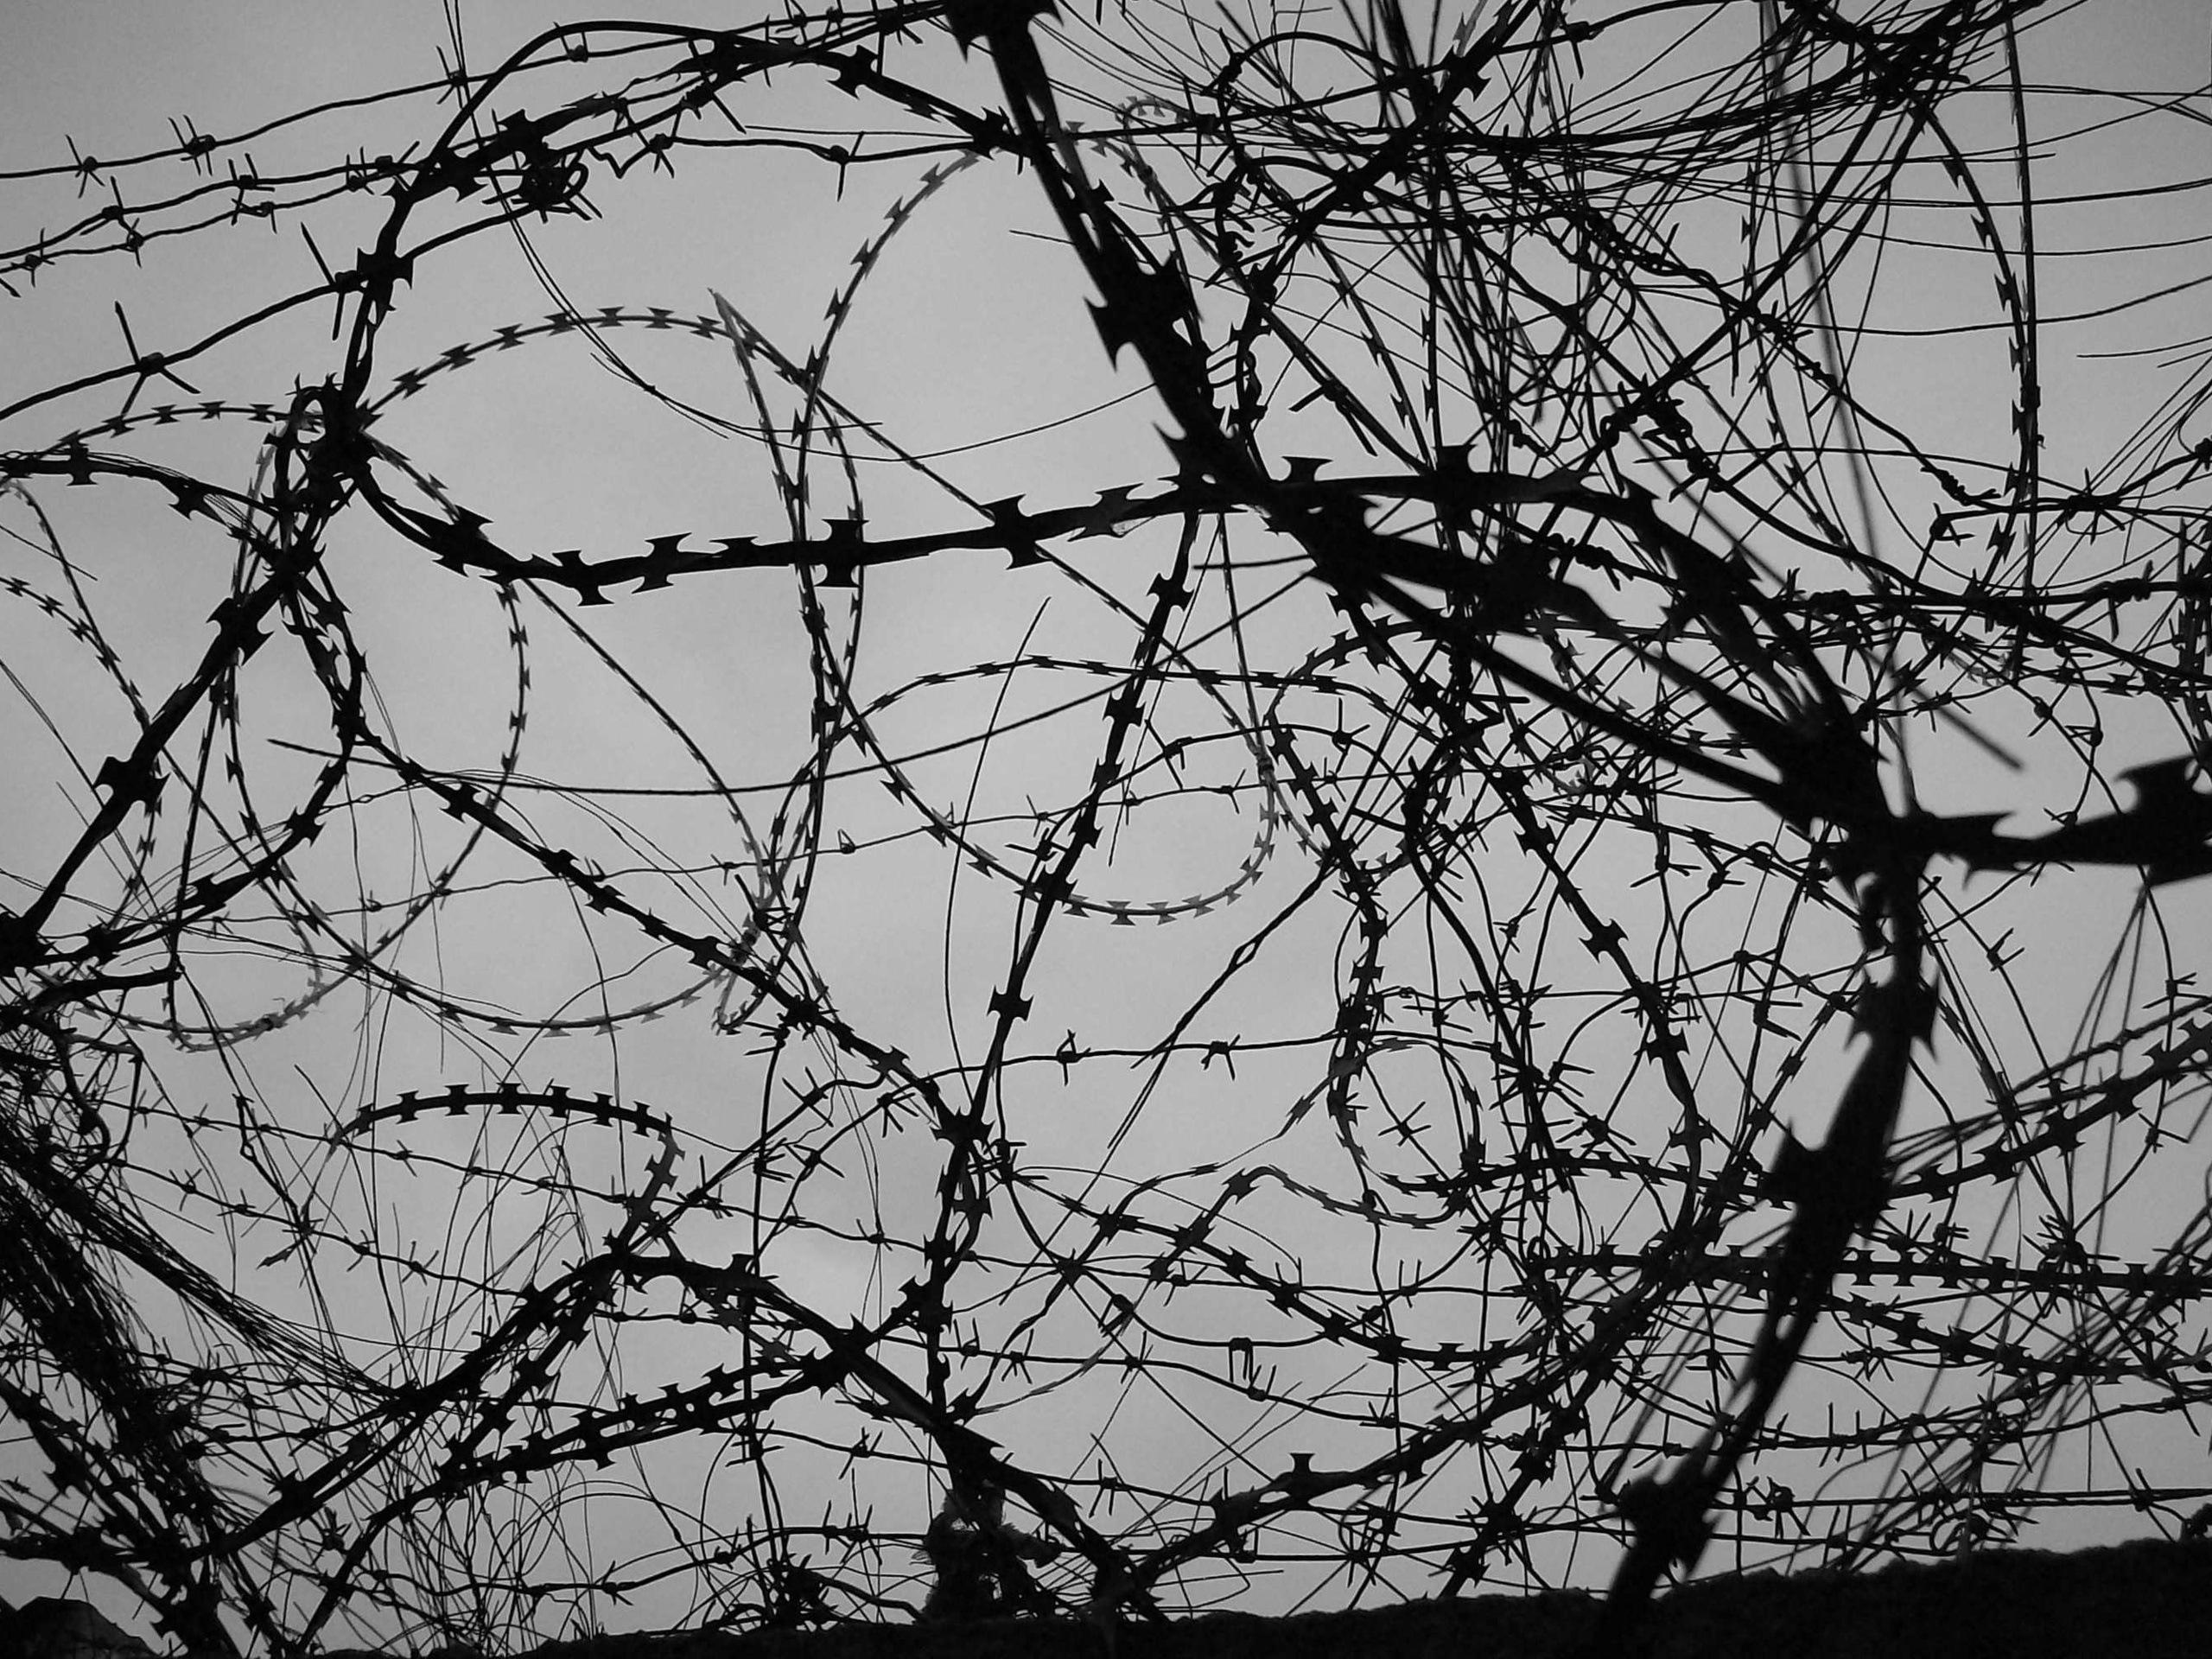 Barb Wire Wallpaper - WallpaperSafari